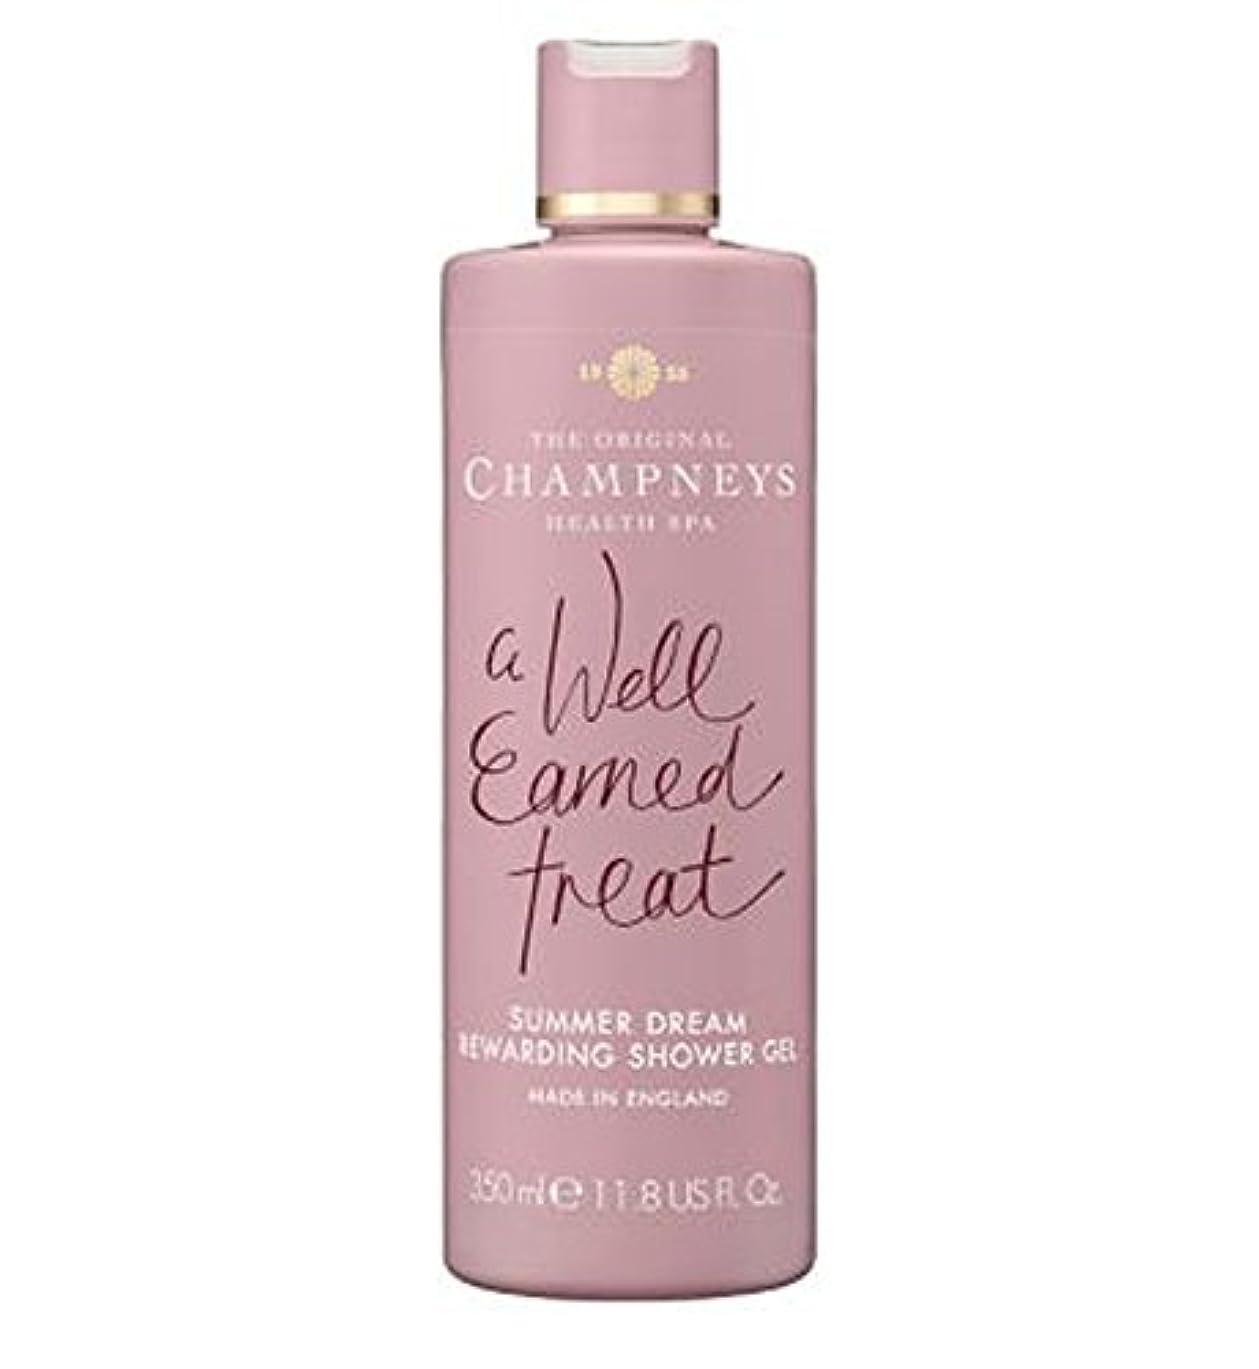 恥ずかしさ補助経度チャンプニーズの夏の夢やりがいのシャワージェル350ミリリットル (Champneys) (x2) - Champneys Summer Dream Rewarding Shower Gel 350ml (Pack of...